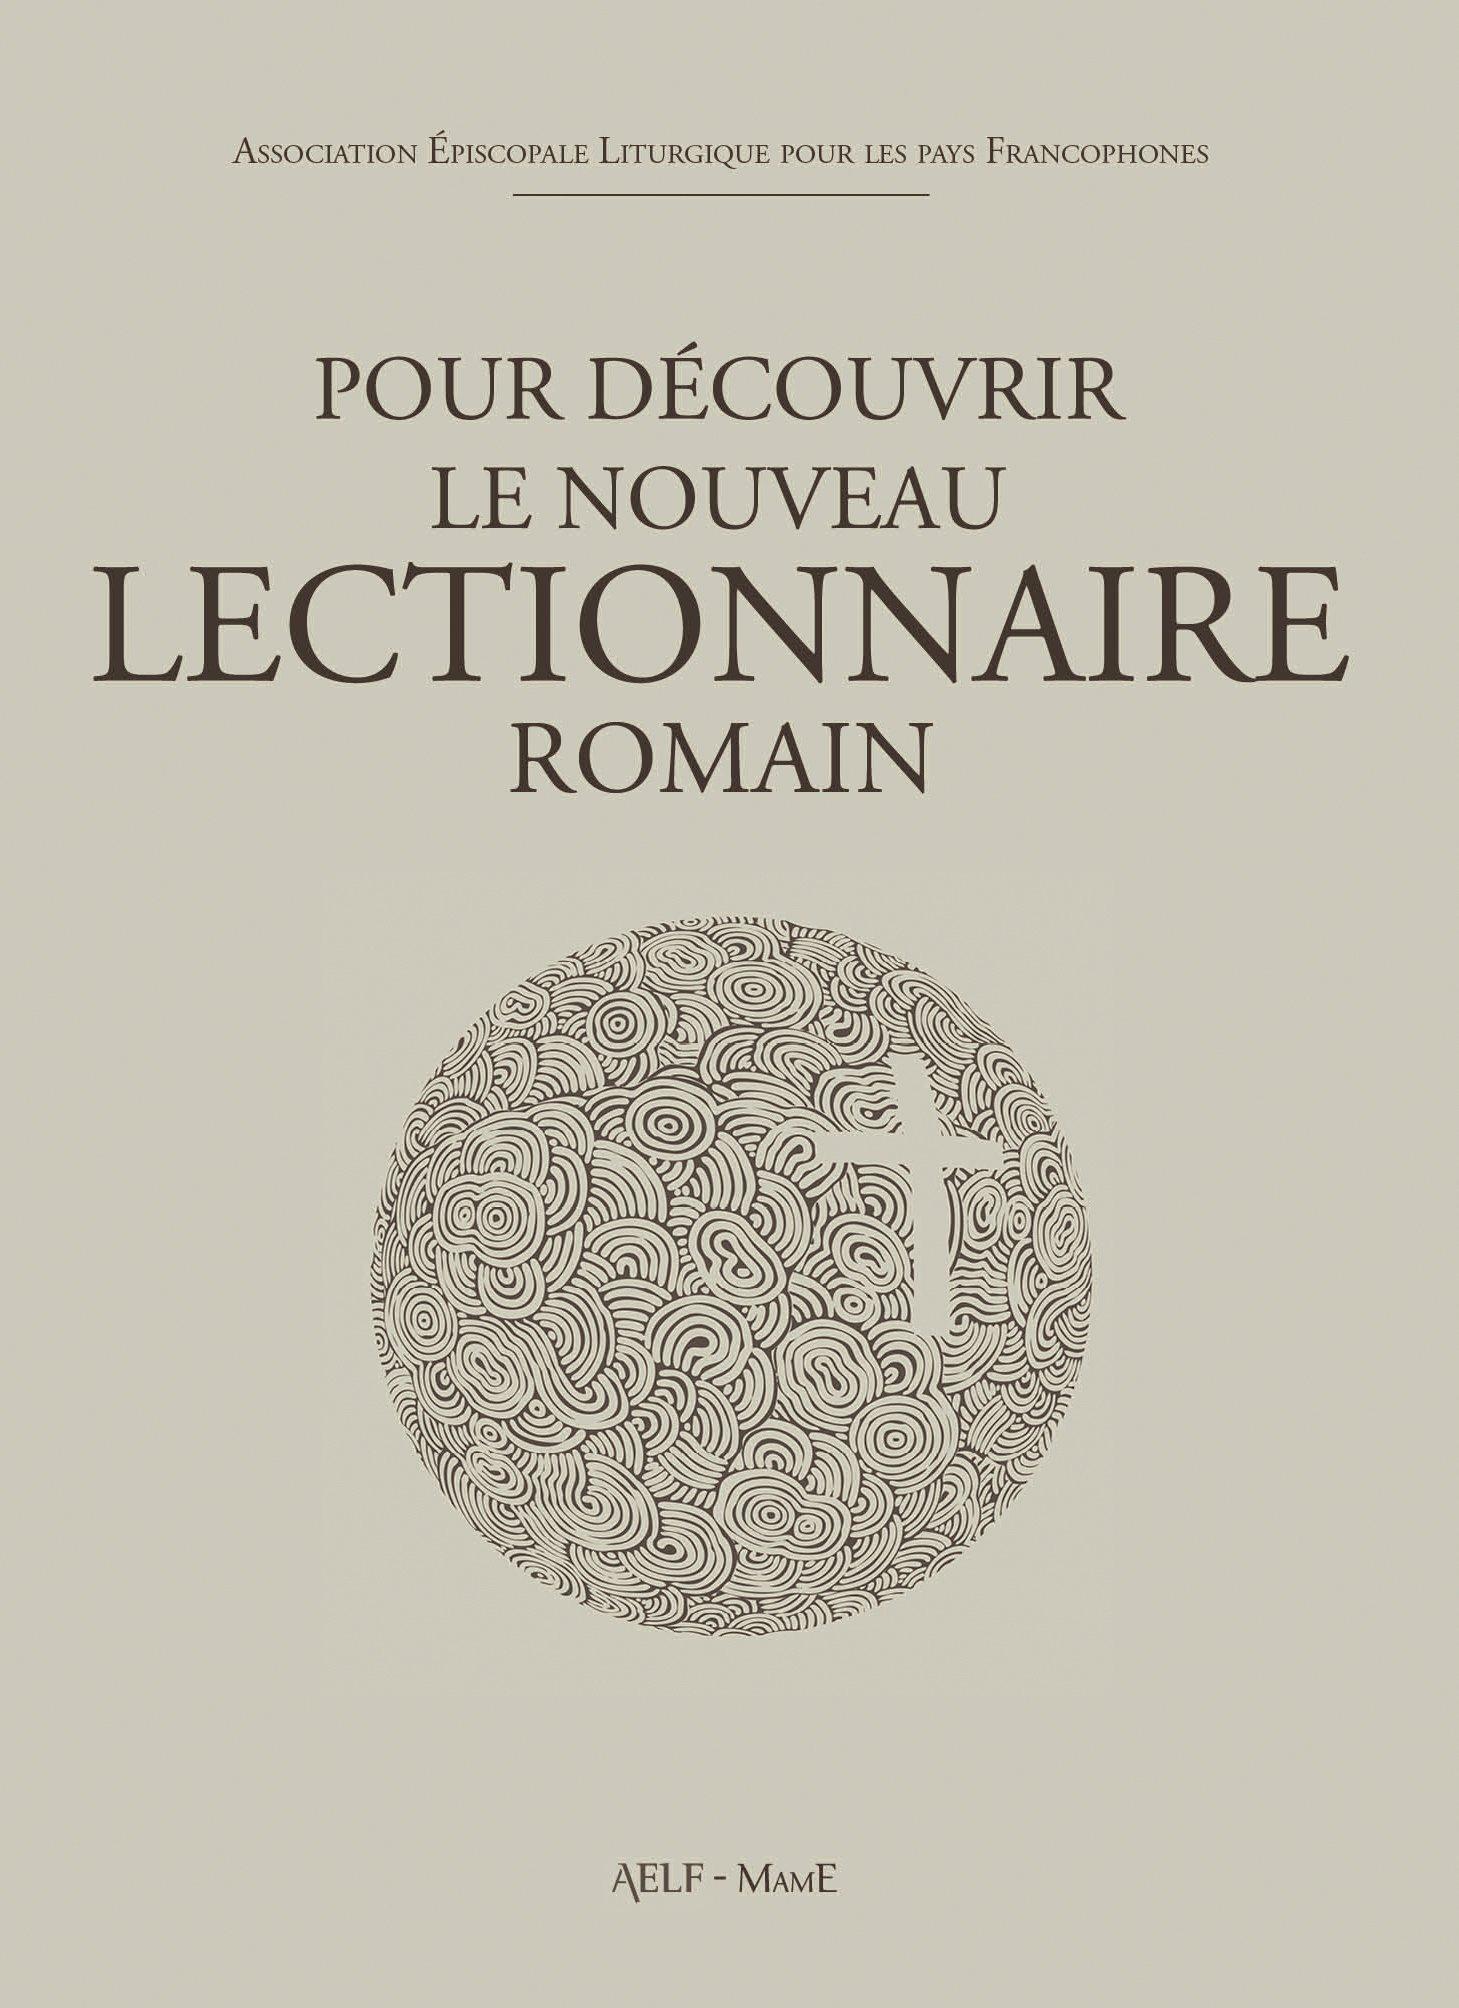 Pour découvrir le nouveau lectionnaire romain Broché – 8 novembre 2014 AELF Desclée-Mame 2718908963 Lectionnaires